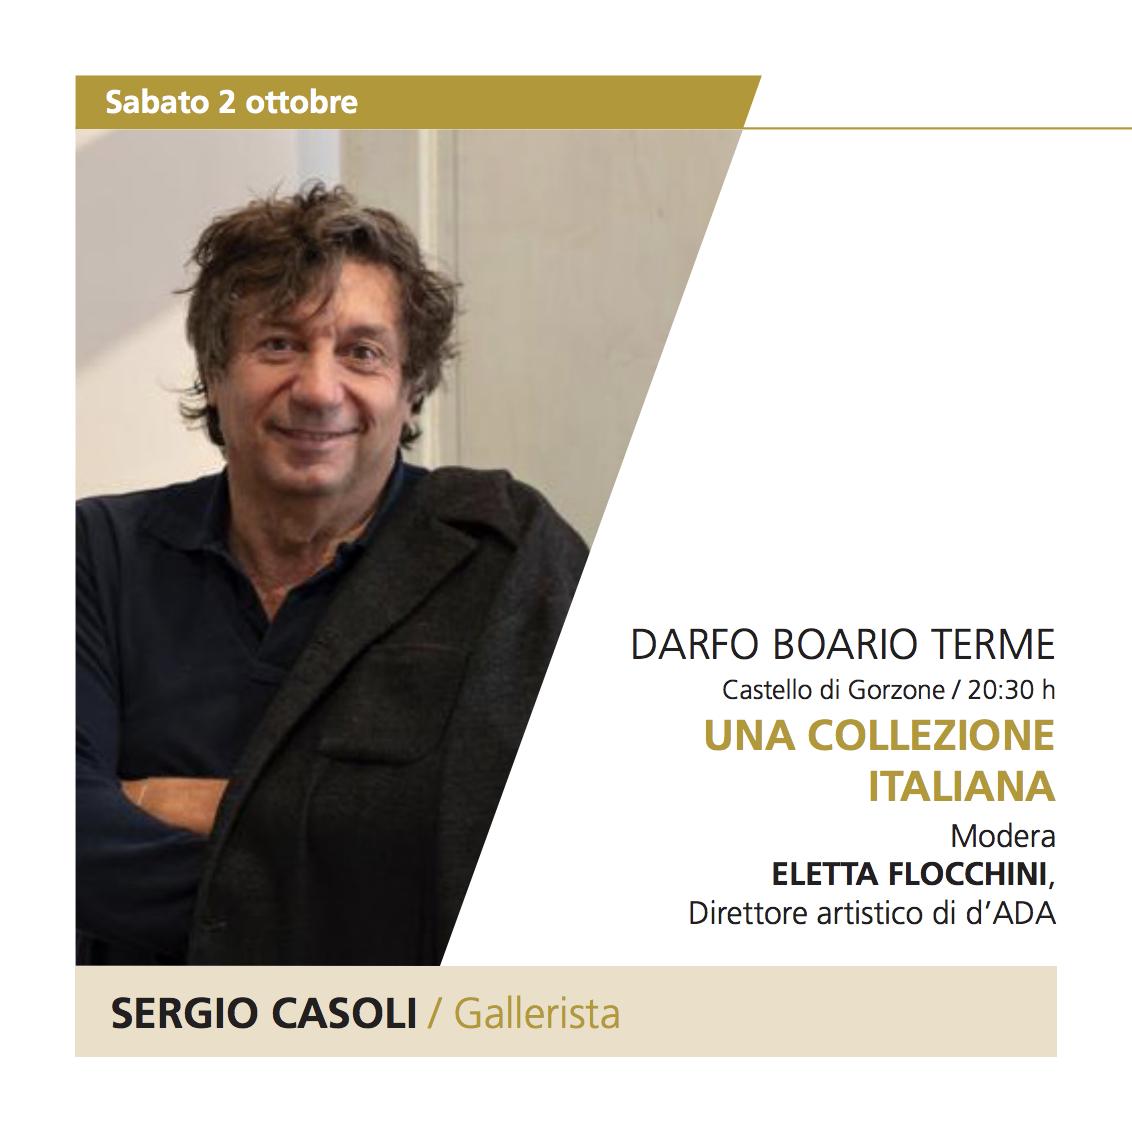 Sergio Casoli - dada valle camonica